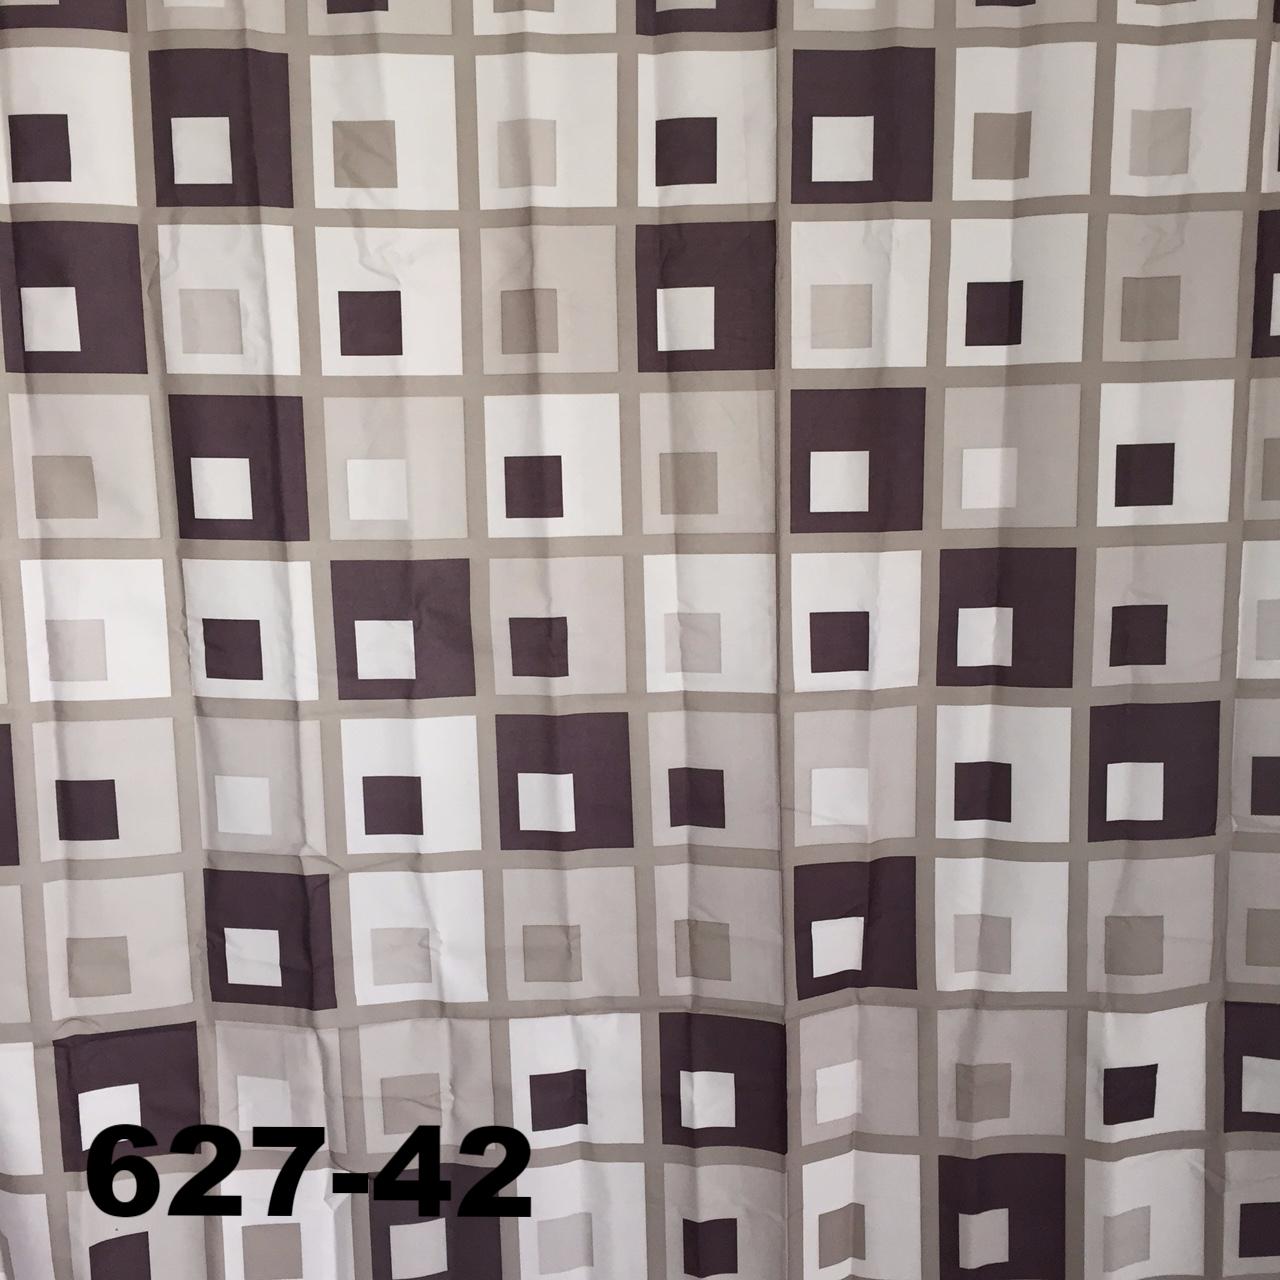 DUSCHY Zasłona prysznicowa 180x200 tekstylna 627-42 SQUARE GREY